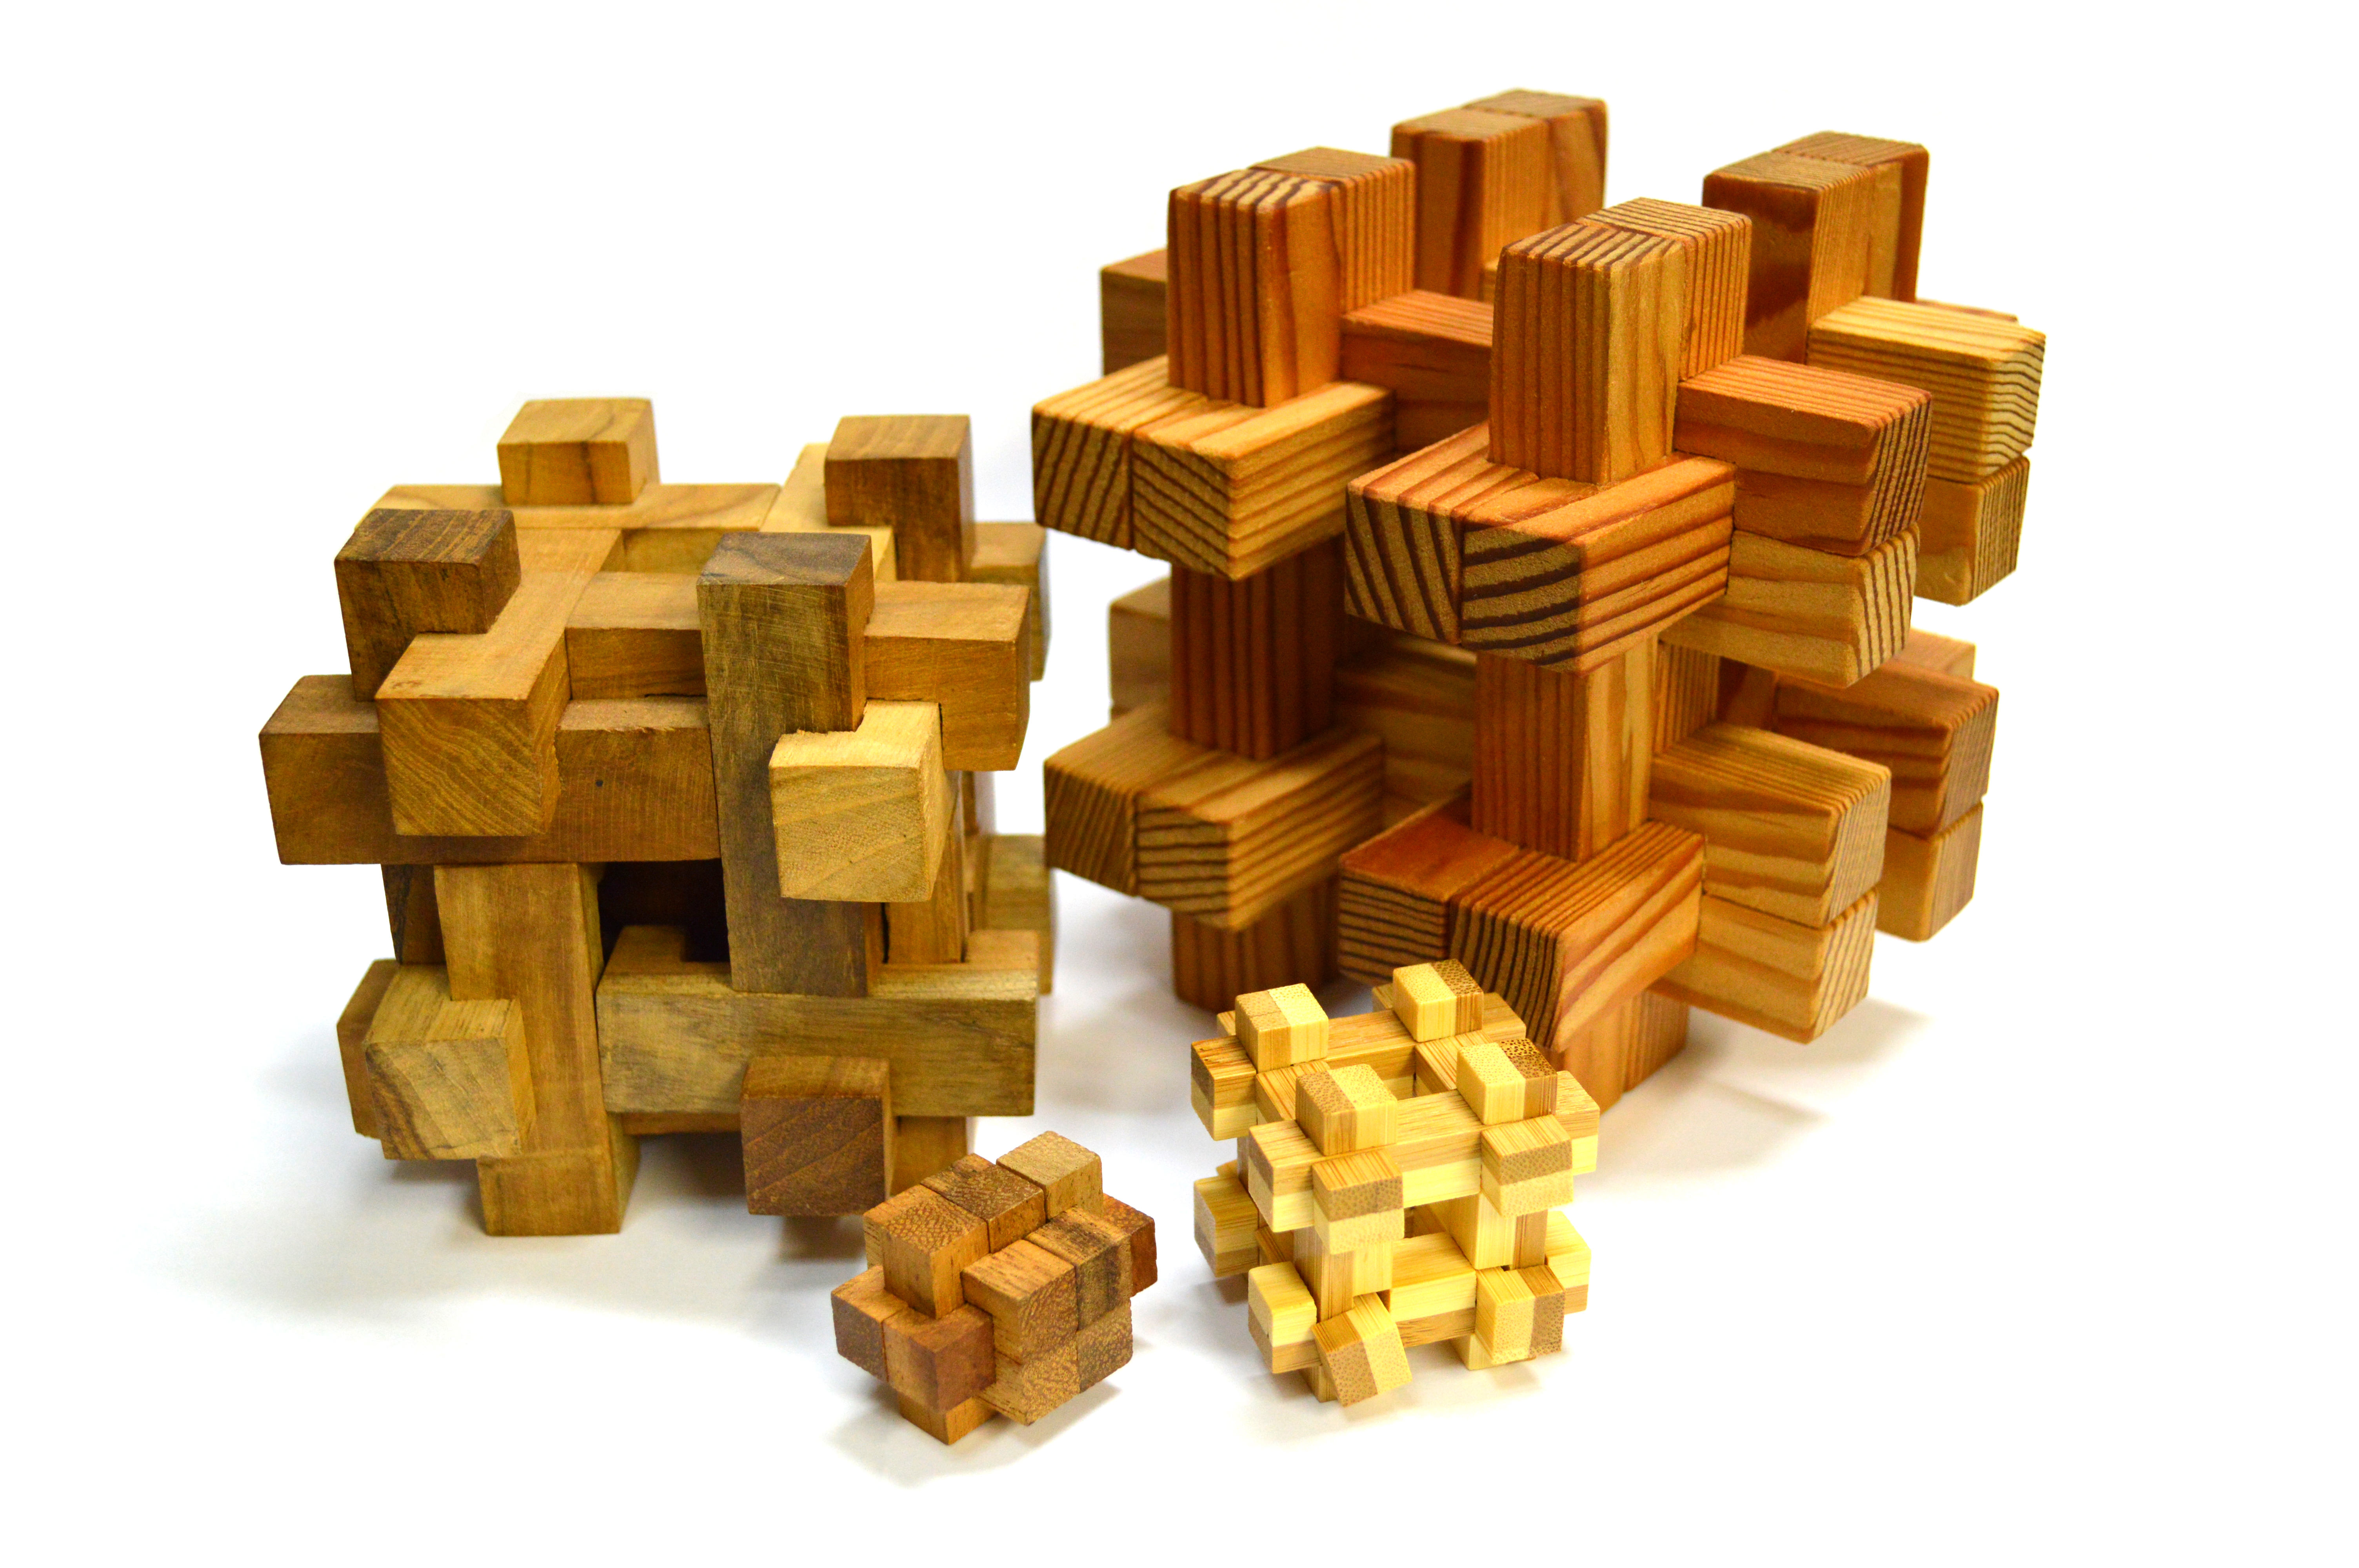 Burr puzzle - Wikipedia